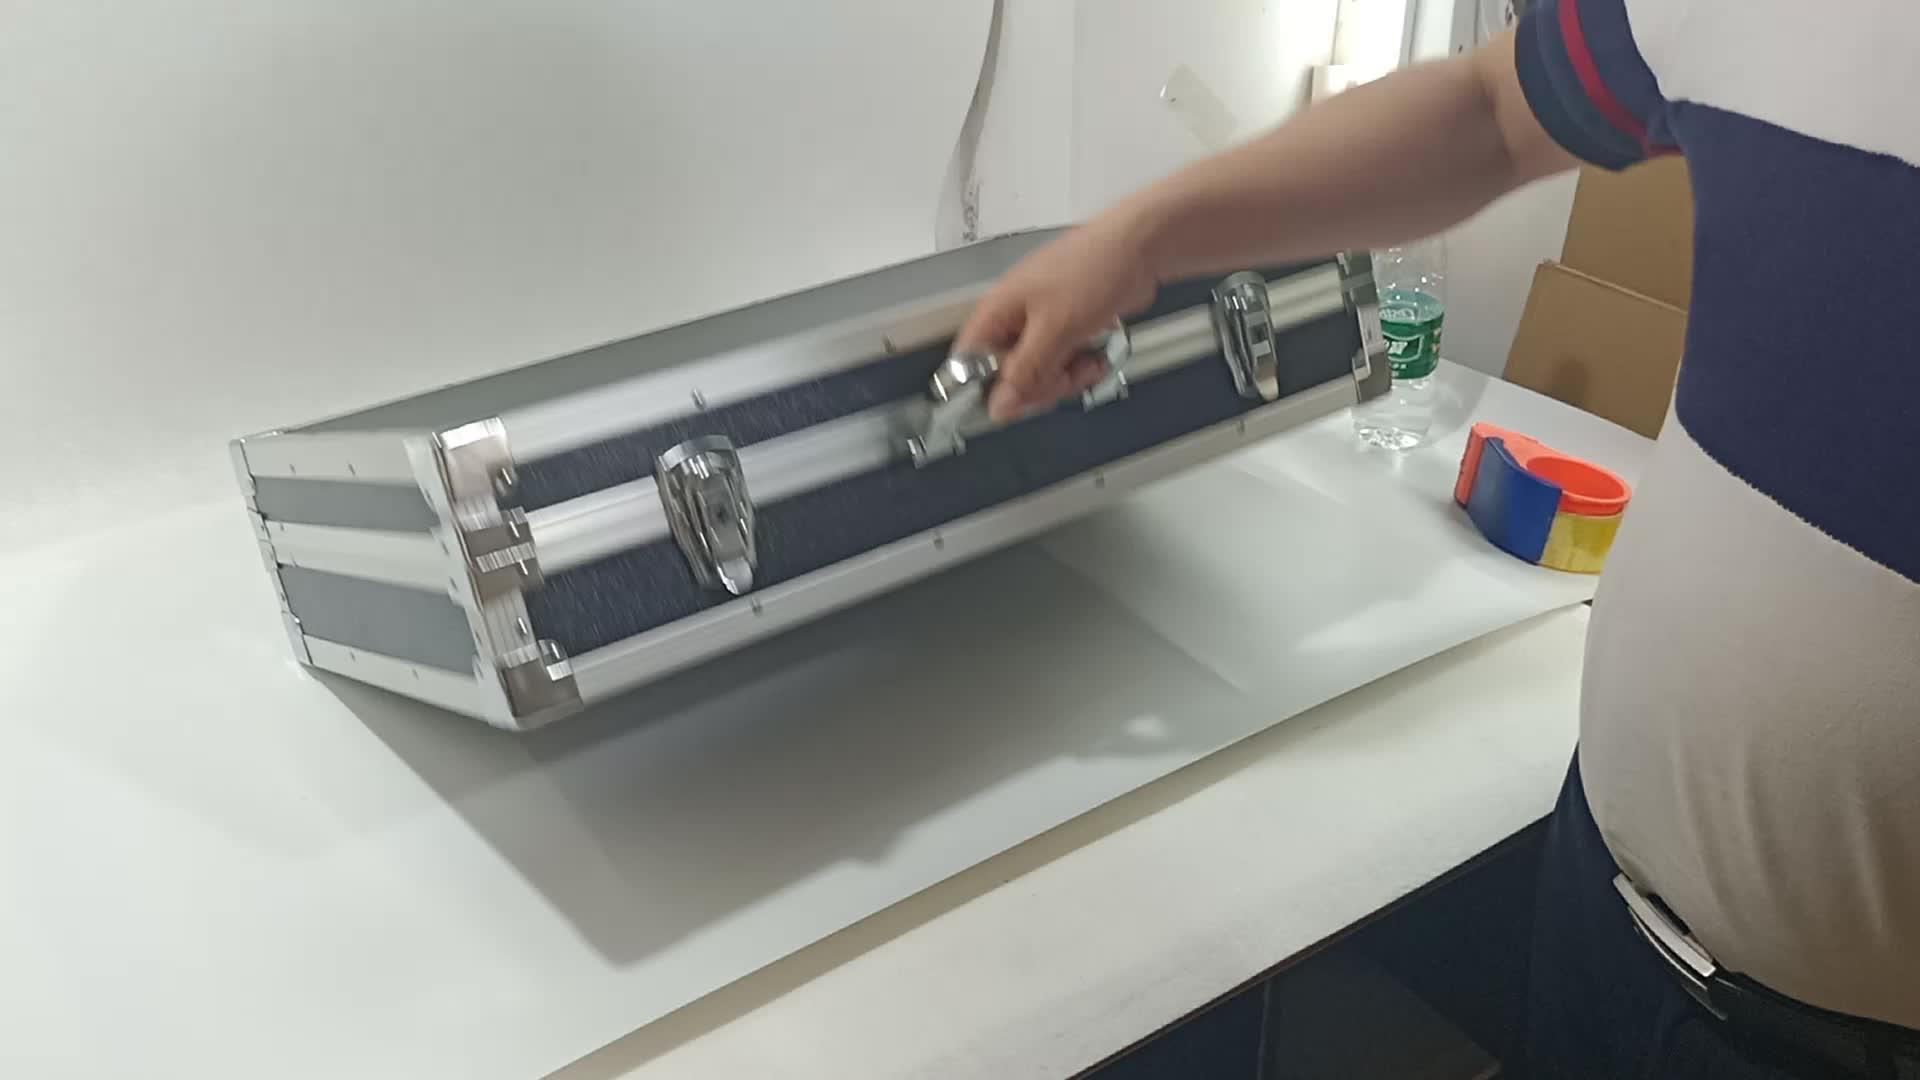 Черный Высококачественный АБС дисплей корпус алюминиевый инструмент корпус оборудование storge чехол с eva пеной